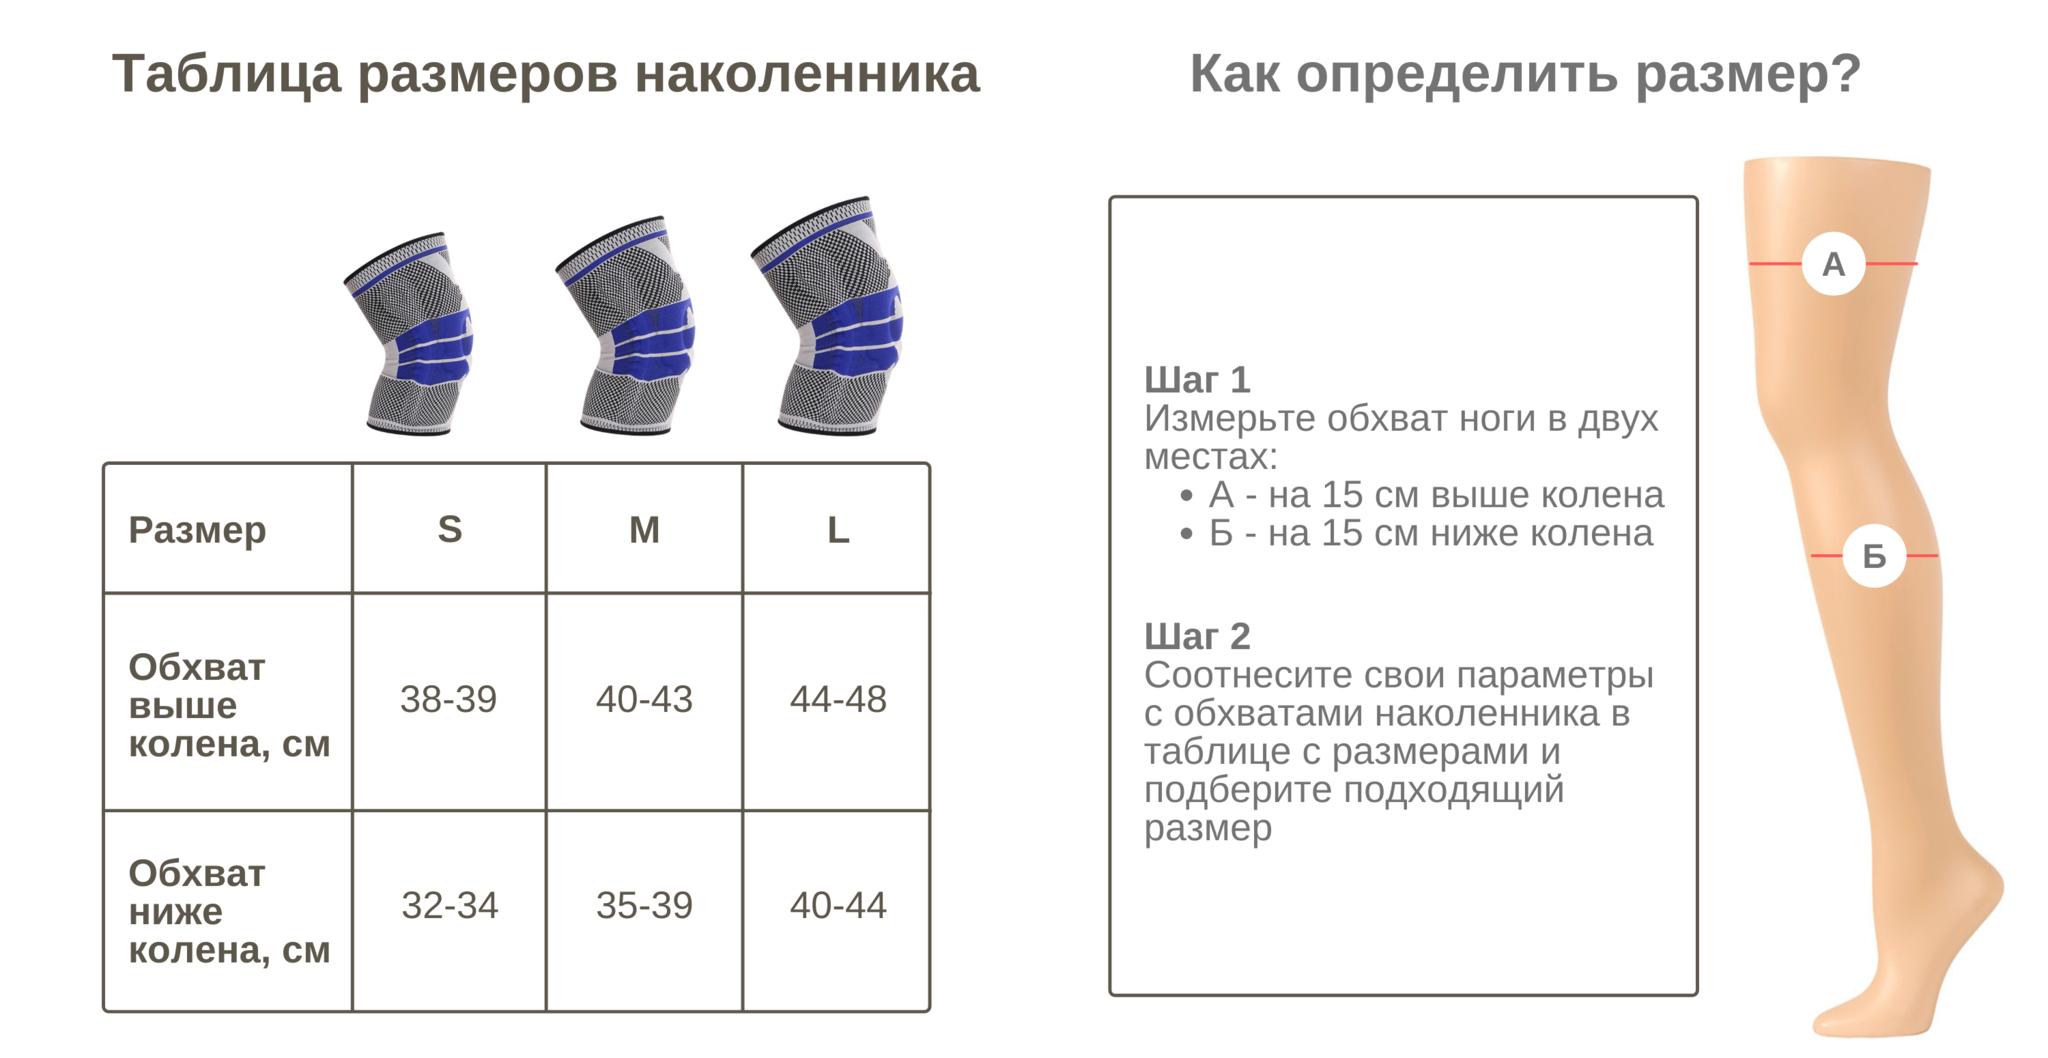 Наколенник с 3D-поддержкой колена: компрессия + пружинные ребра жесткости + гелевое кольцо